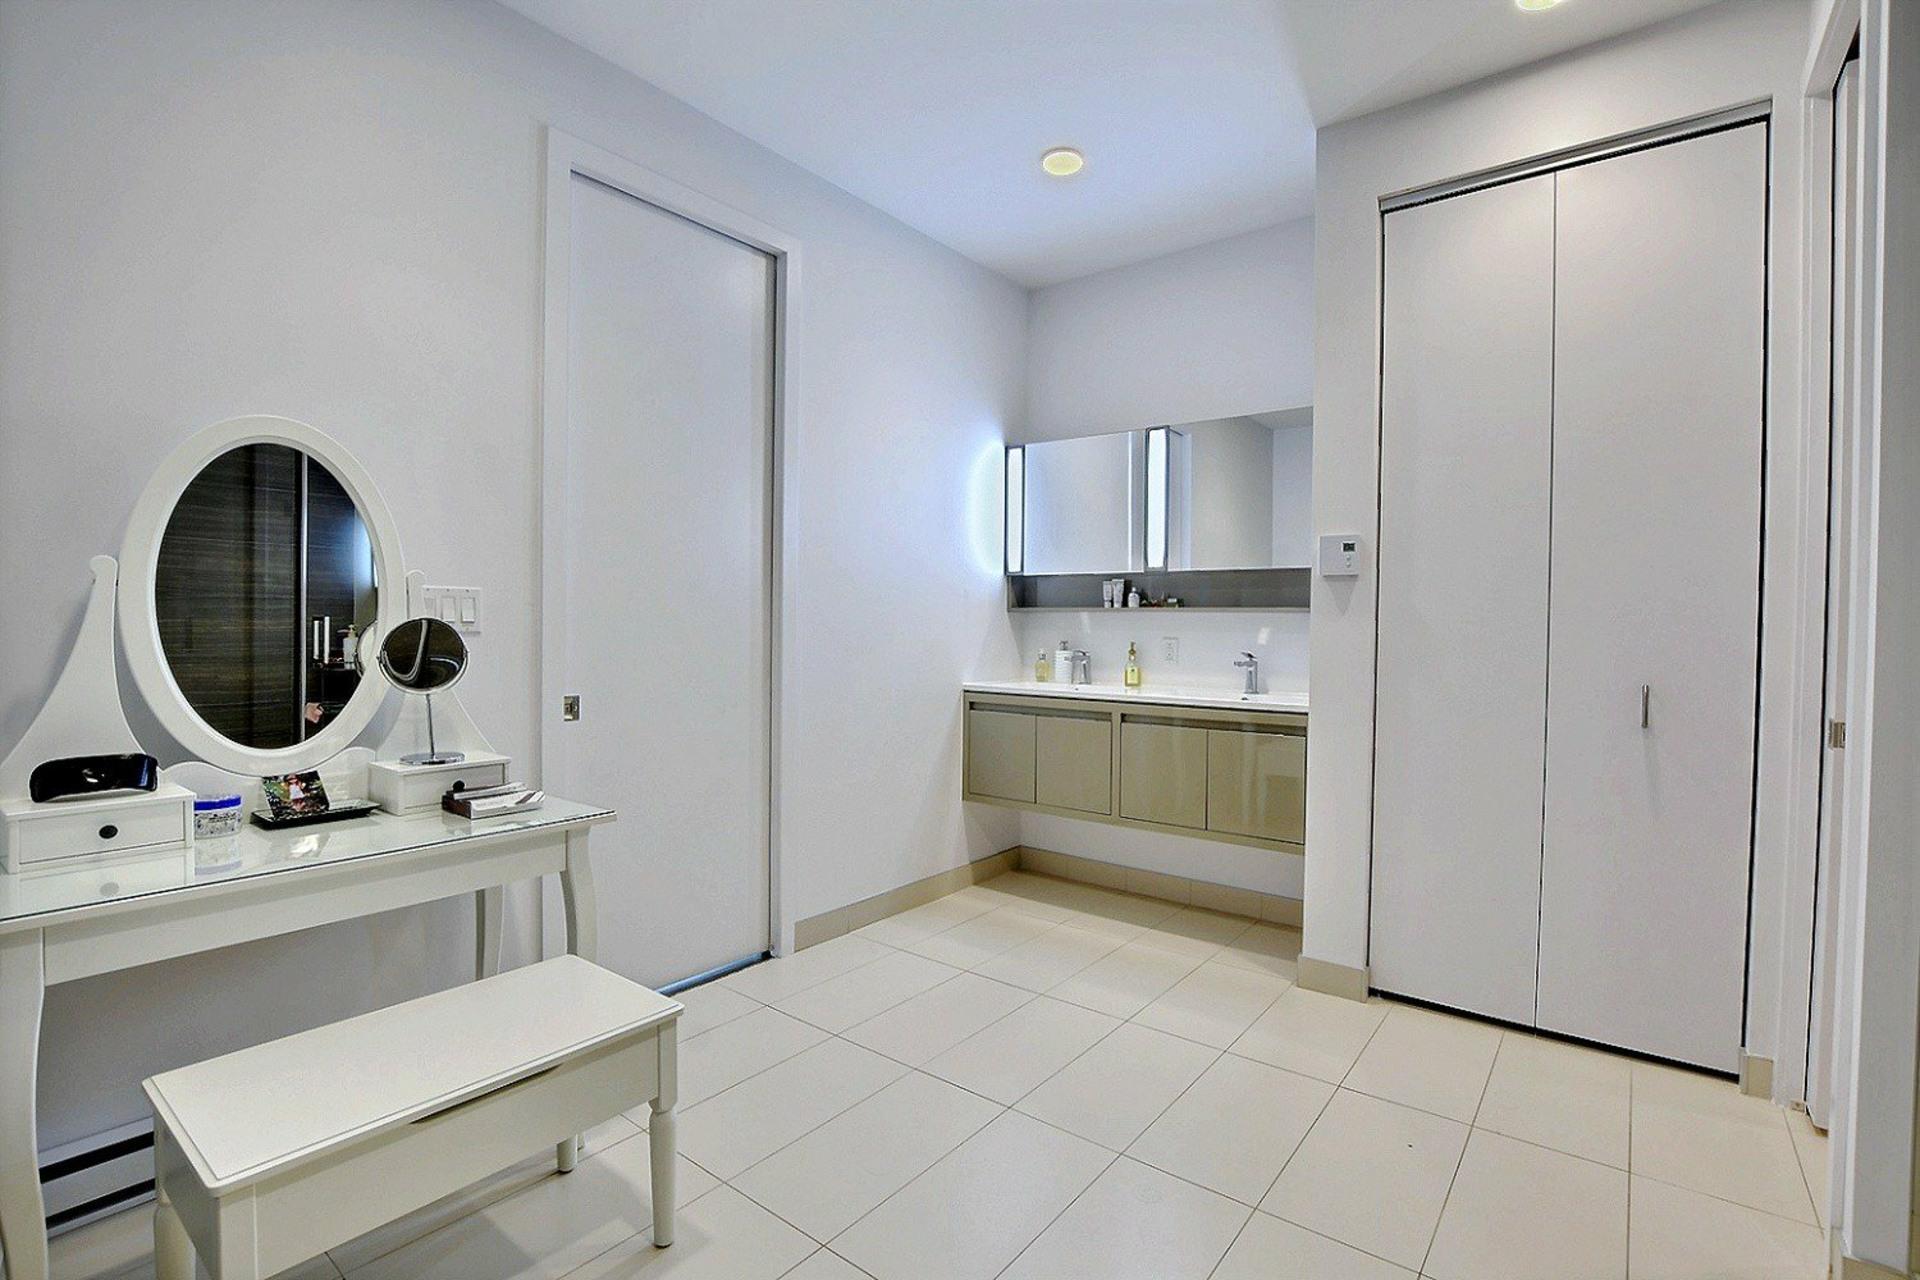 image 15 - Appartement À vendre Ville-Marie Montréal  - 7 pièces